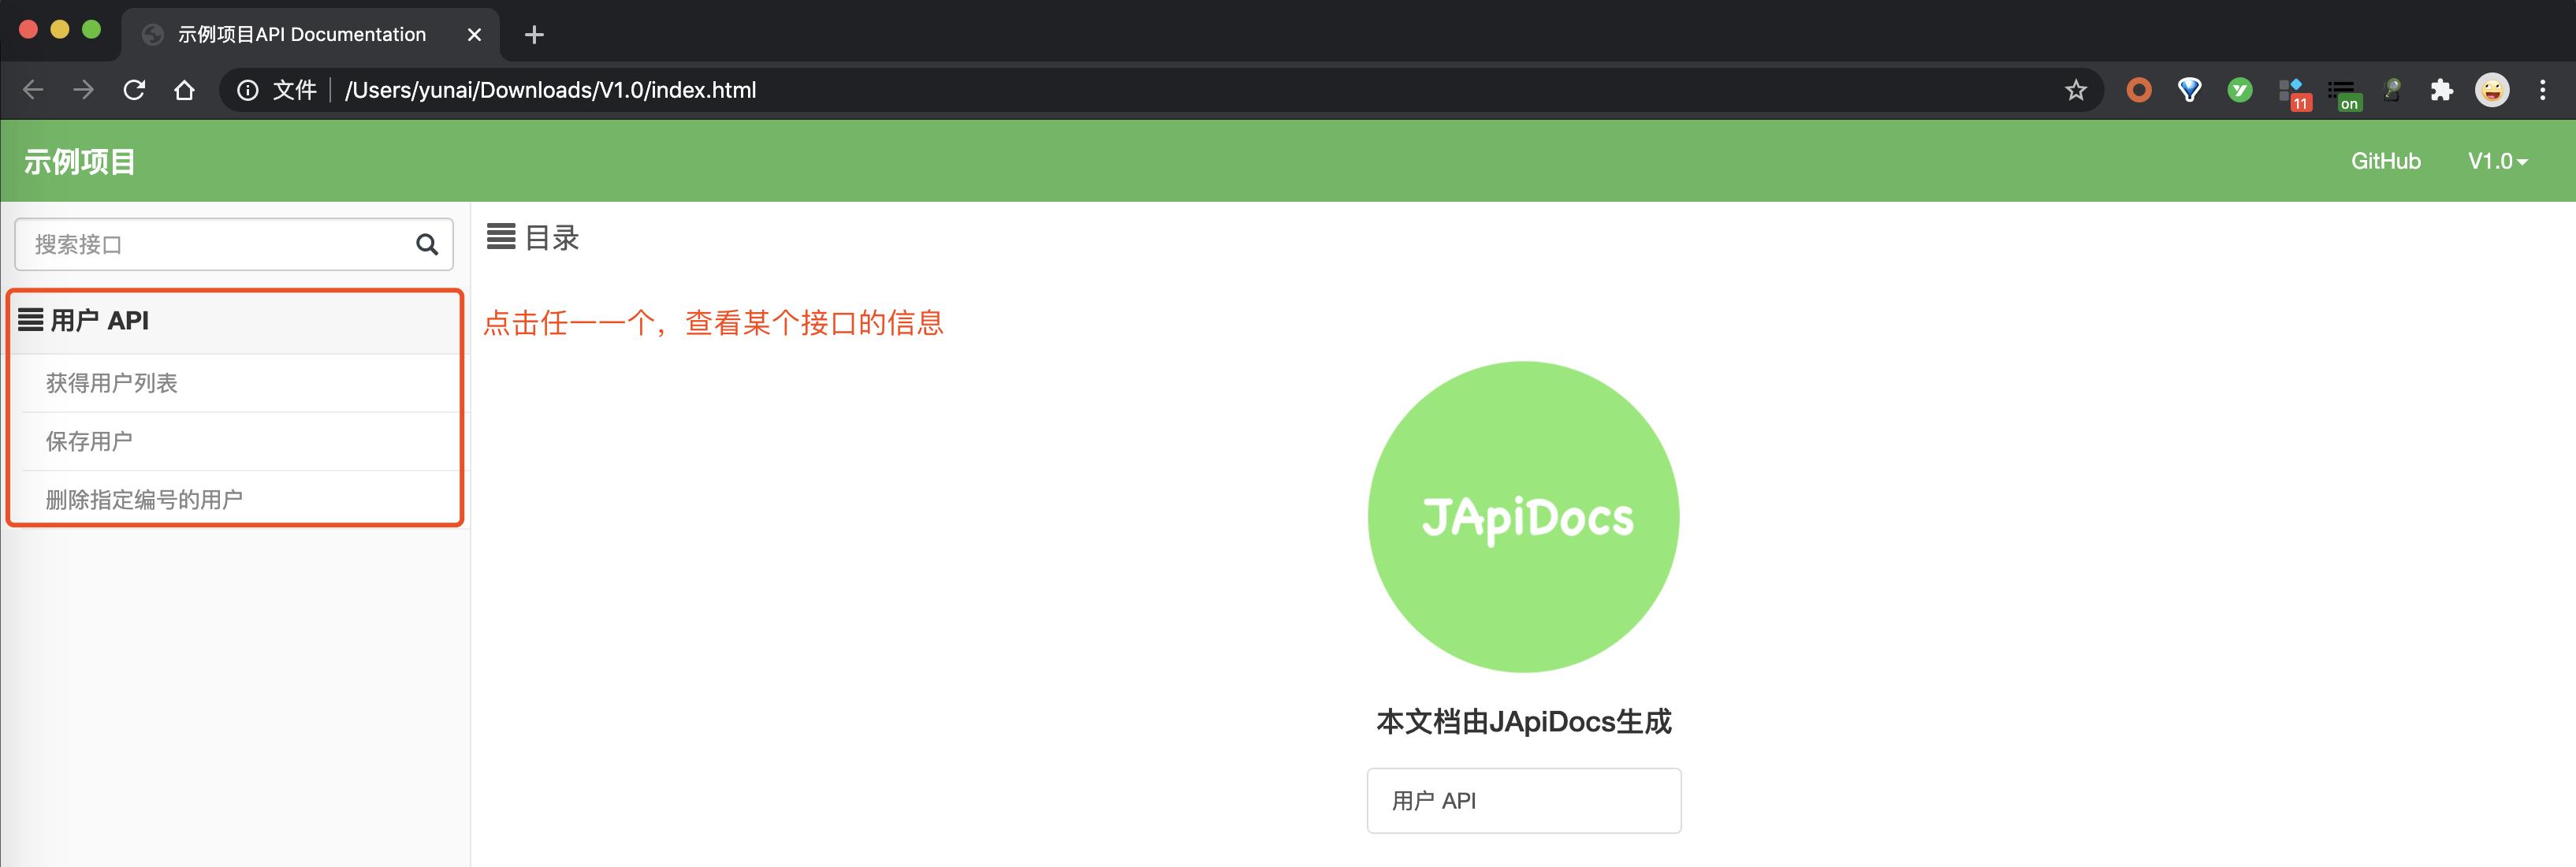 HTML 接口文档